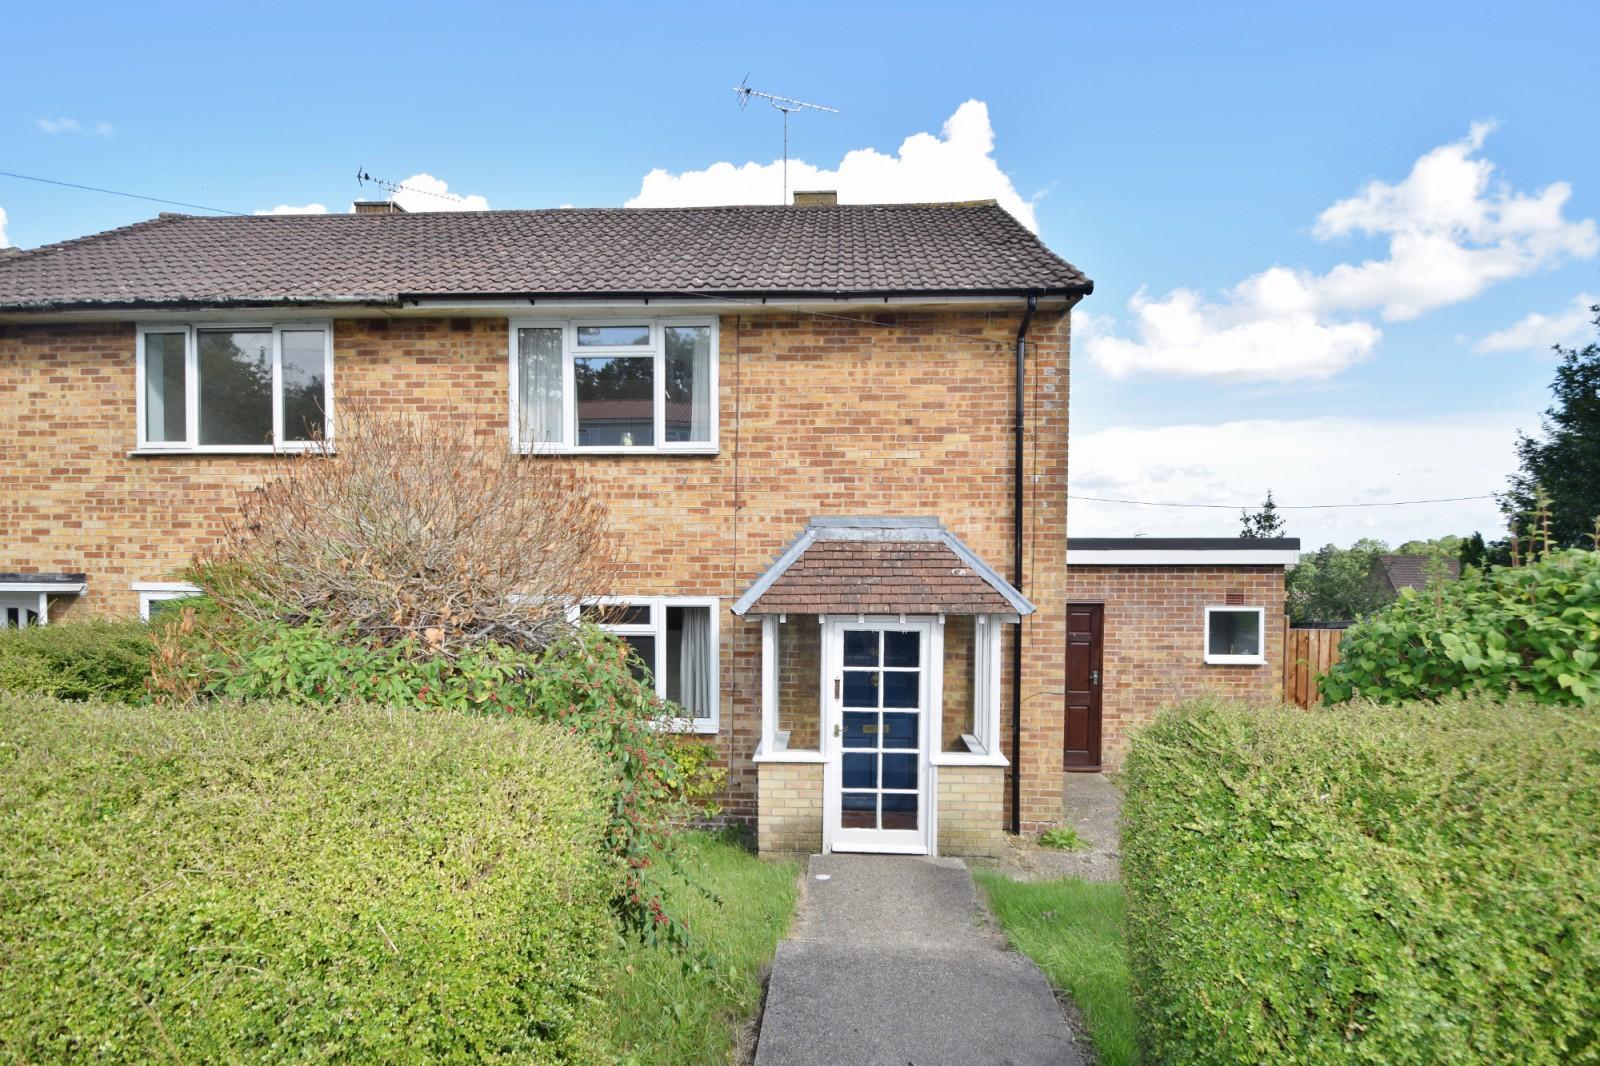 46 Walpole Road, Stanmore, Winchester SO22 4ER